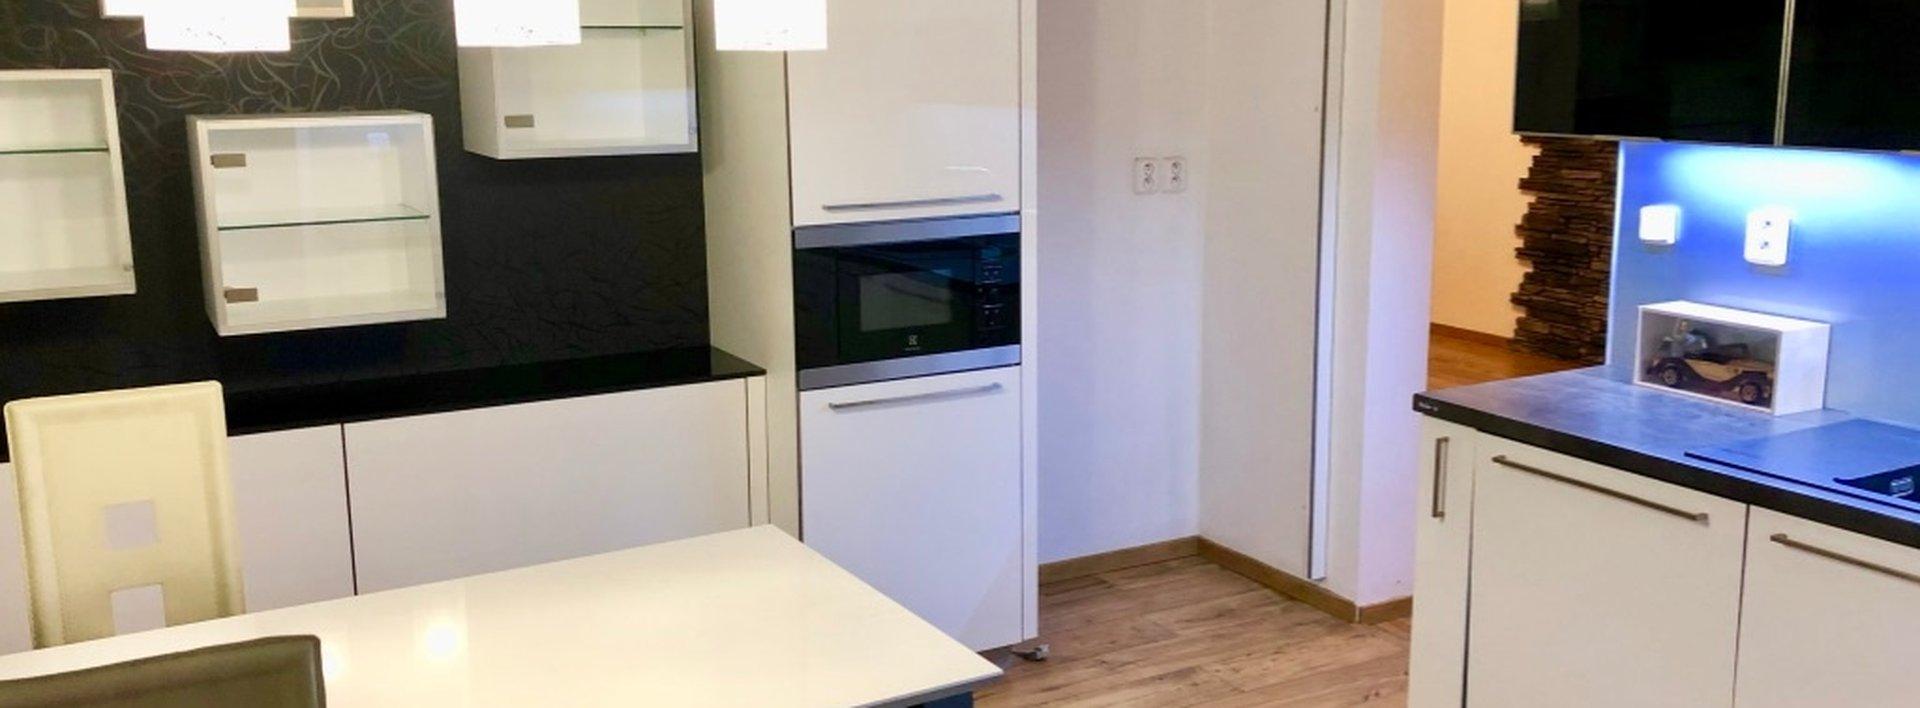 Prodej bytu 3+1 s 2 balkony a garáží - Liberec, ul. Nádvorní, Ev.č.: N49040